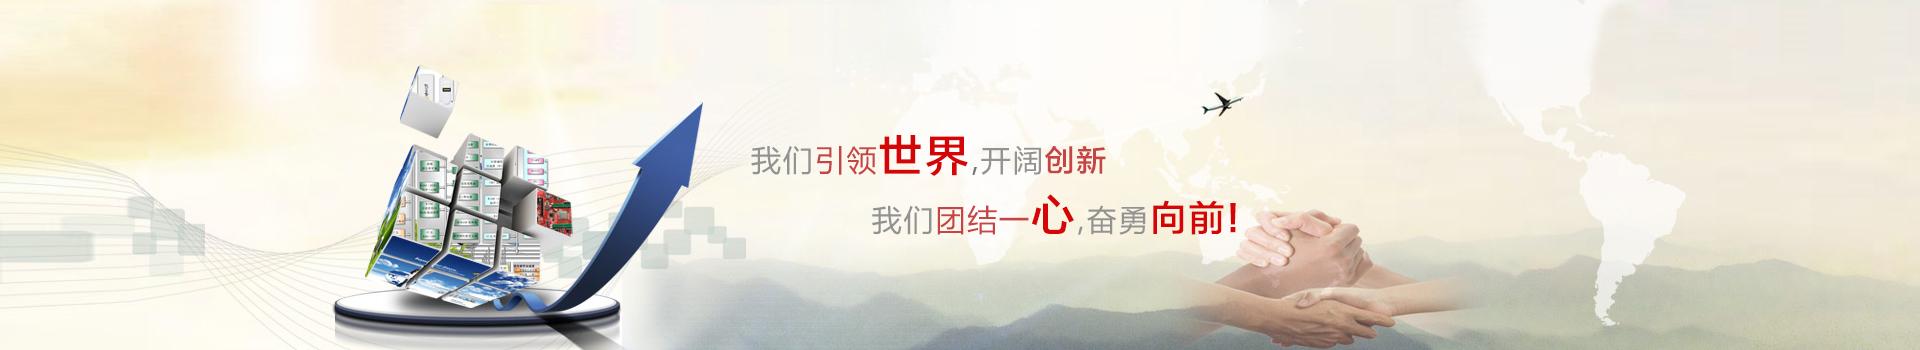 广州平台简介